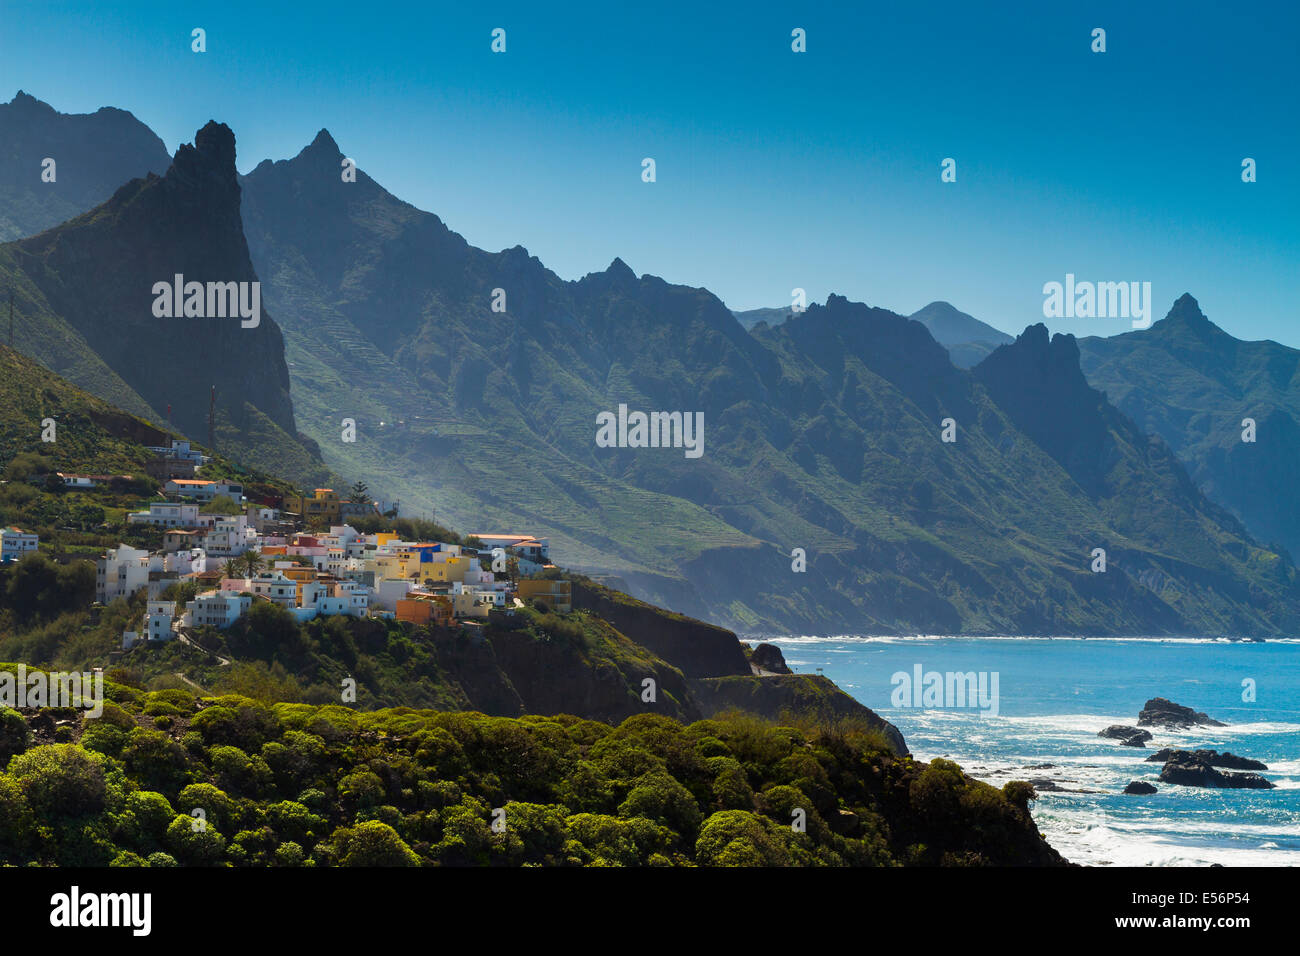 Taganaga Dorf und Klippen. Santa Cruz De Tenerife, Teneriffa, Kanarische Inseln, Atlantik, Spanien. Stockbild